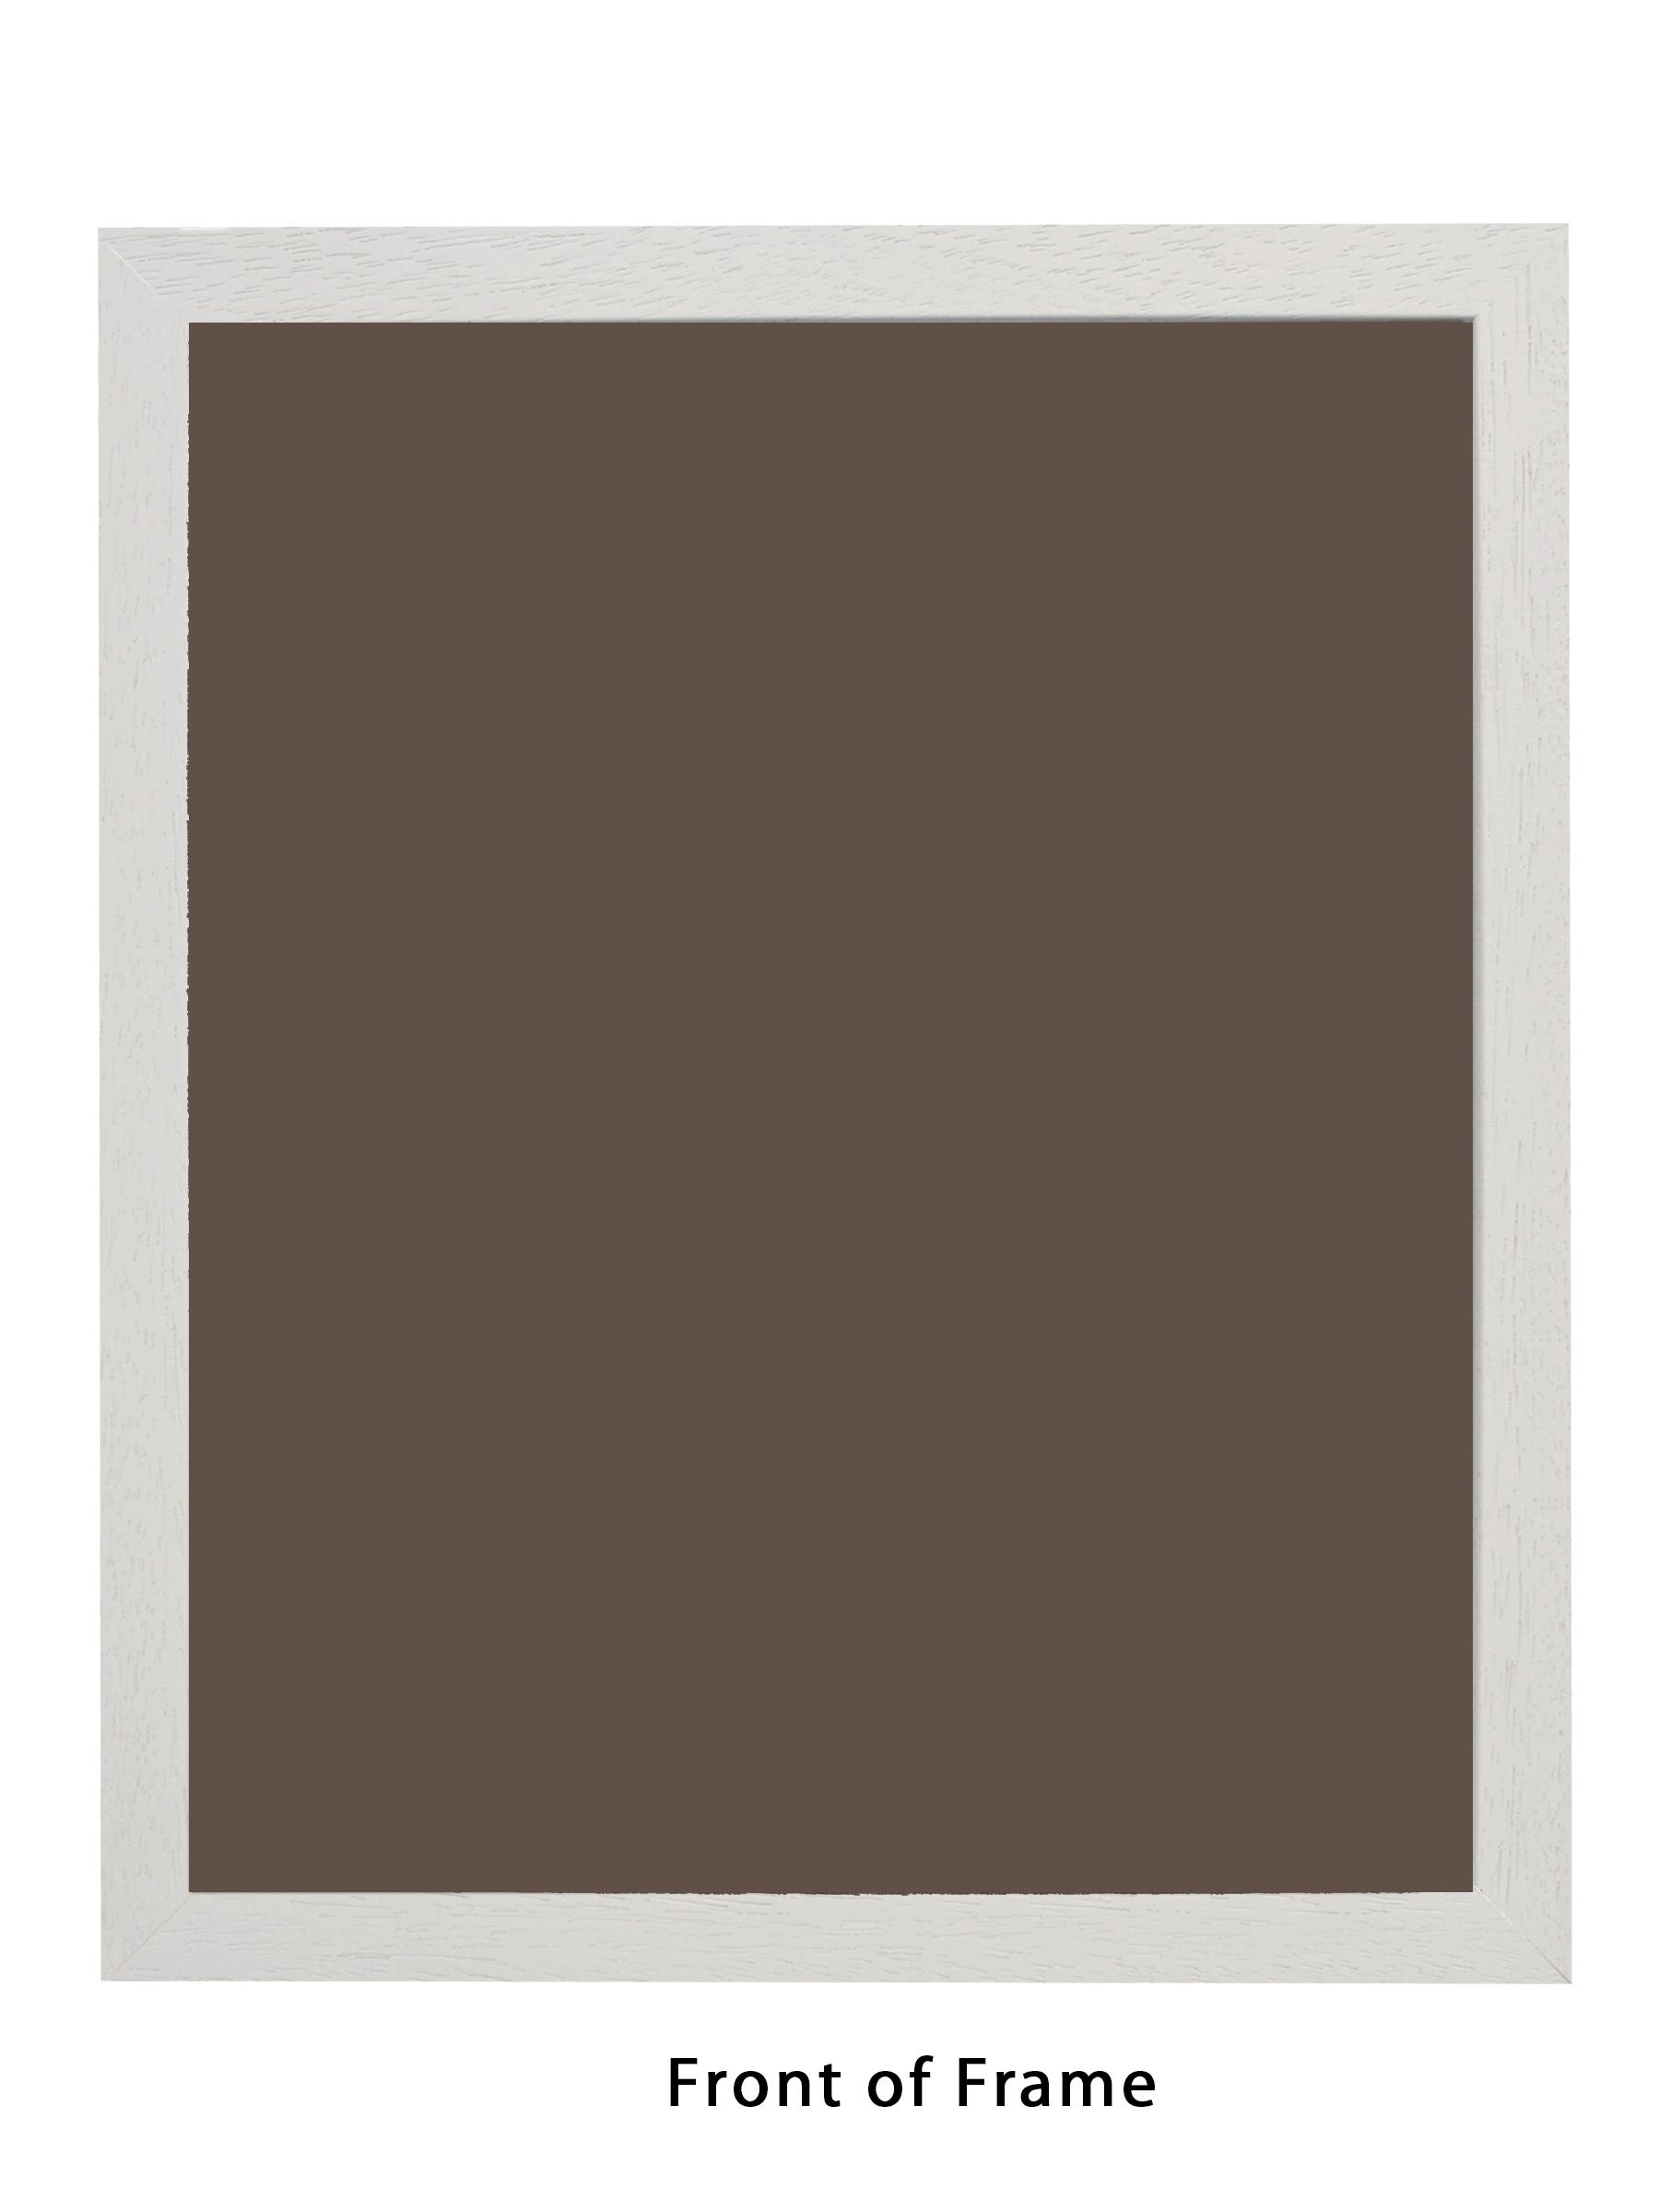 Blank Limed white wood artist frame | Simone Walsh